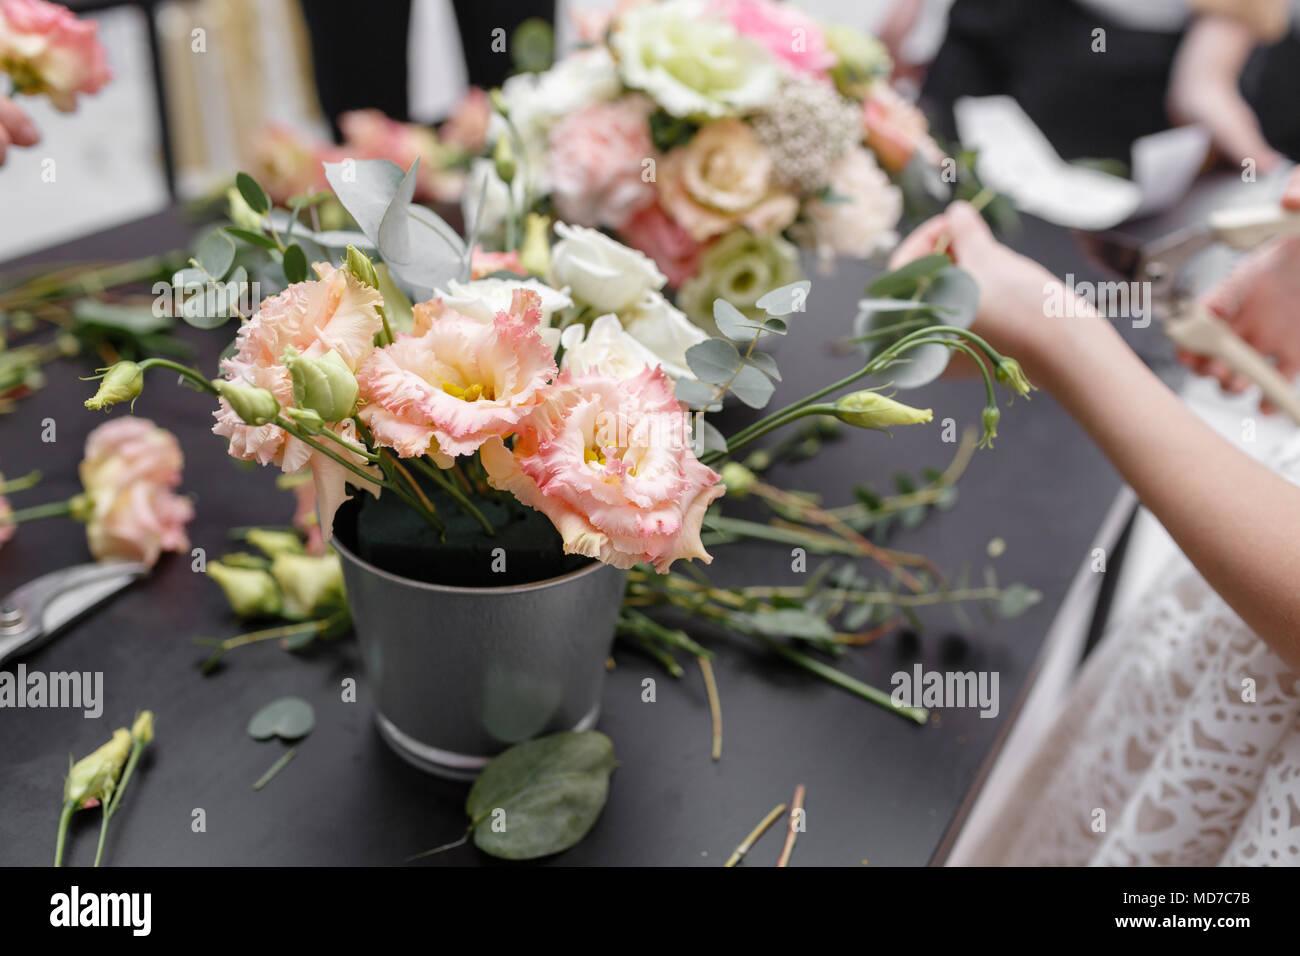 Master class em fazer buquês para as crianças. Bouquet de mola em metal vaso ornamental. Aprender a fazer belos arranjos florais, buquês com suas próprias mãos Imagens de Stock